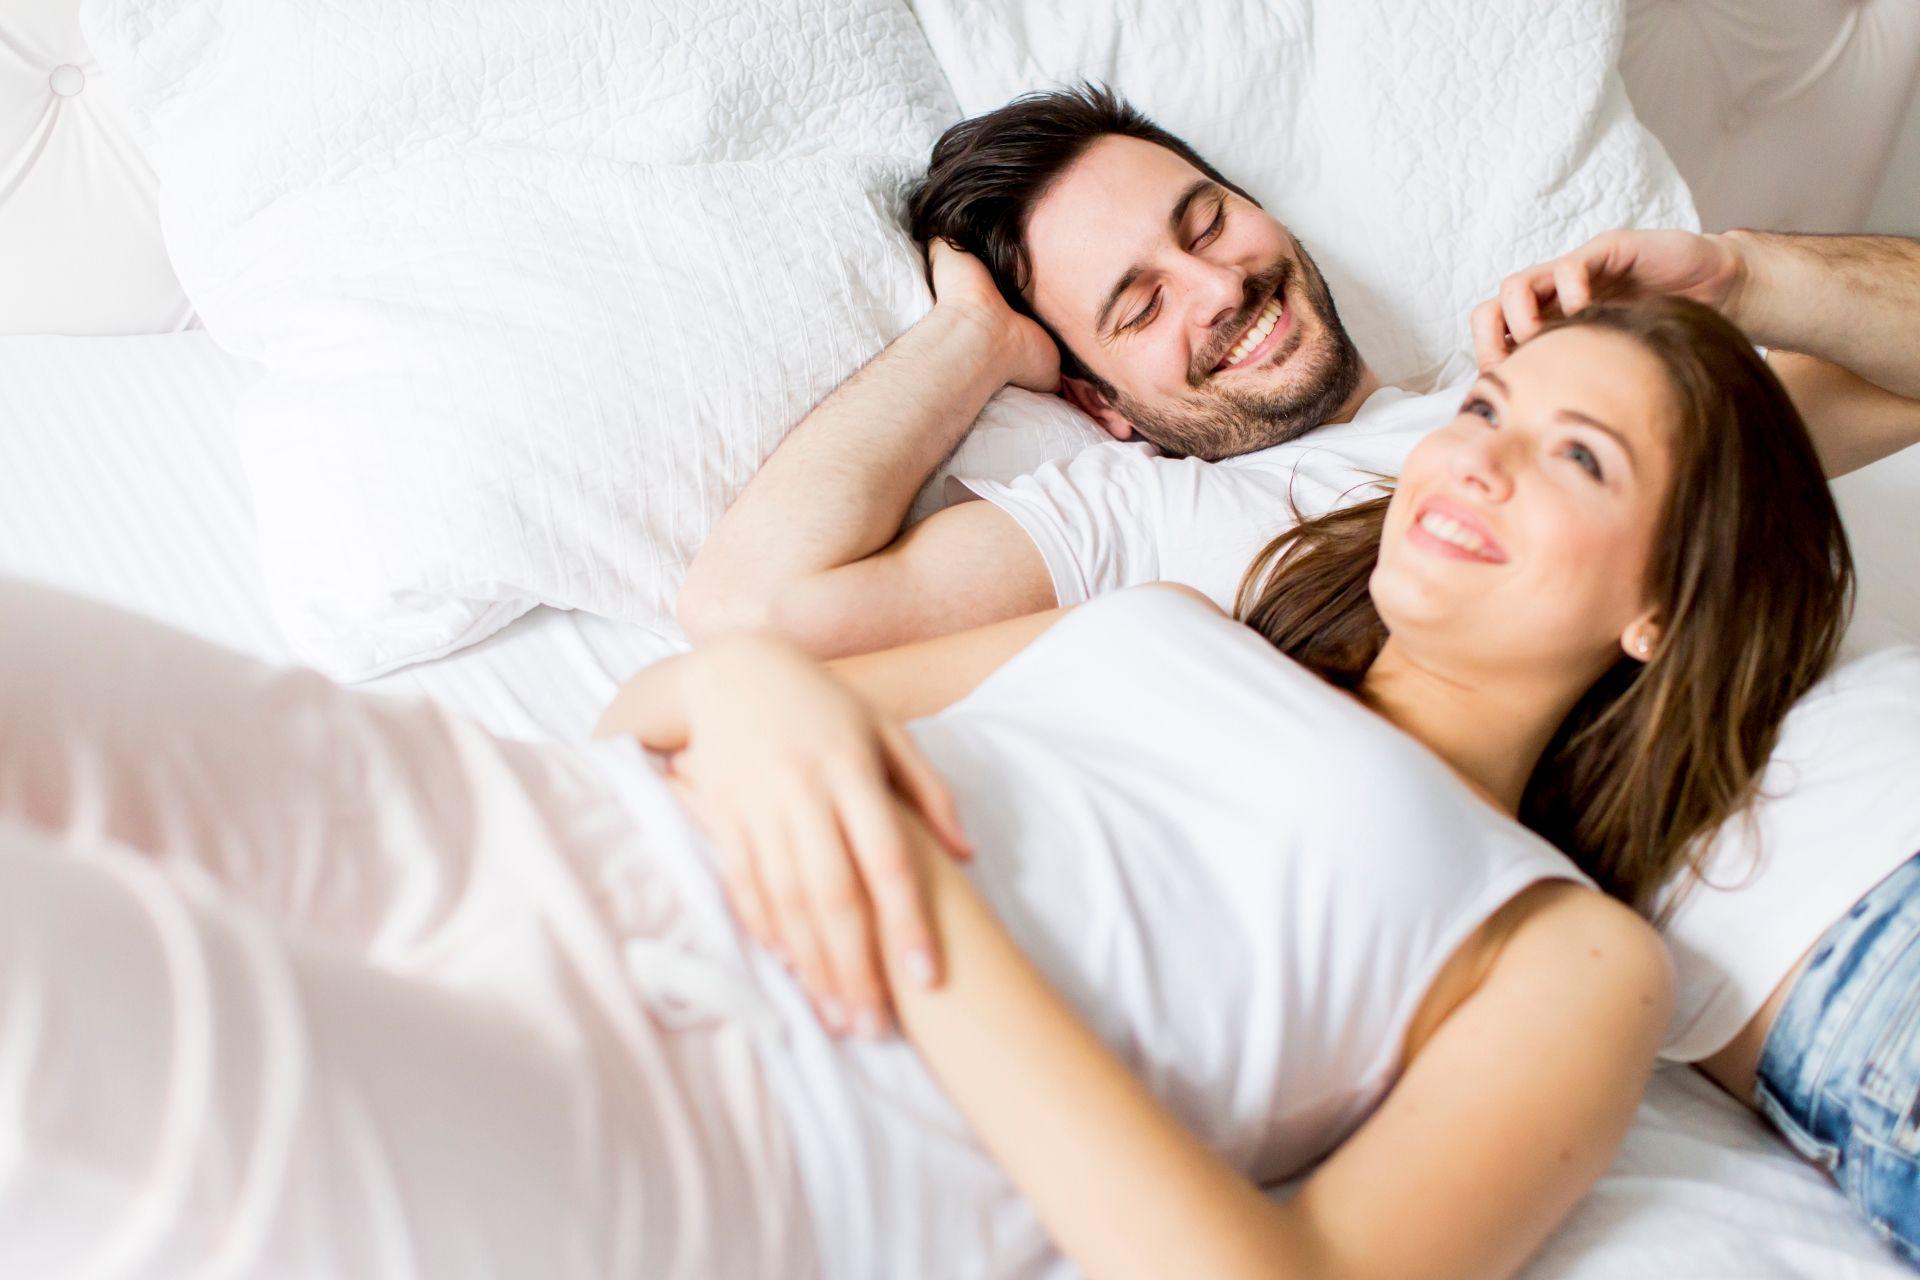 سبب انتقال هذا المرض من الزوجة إلى الزوج